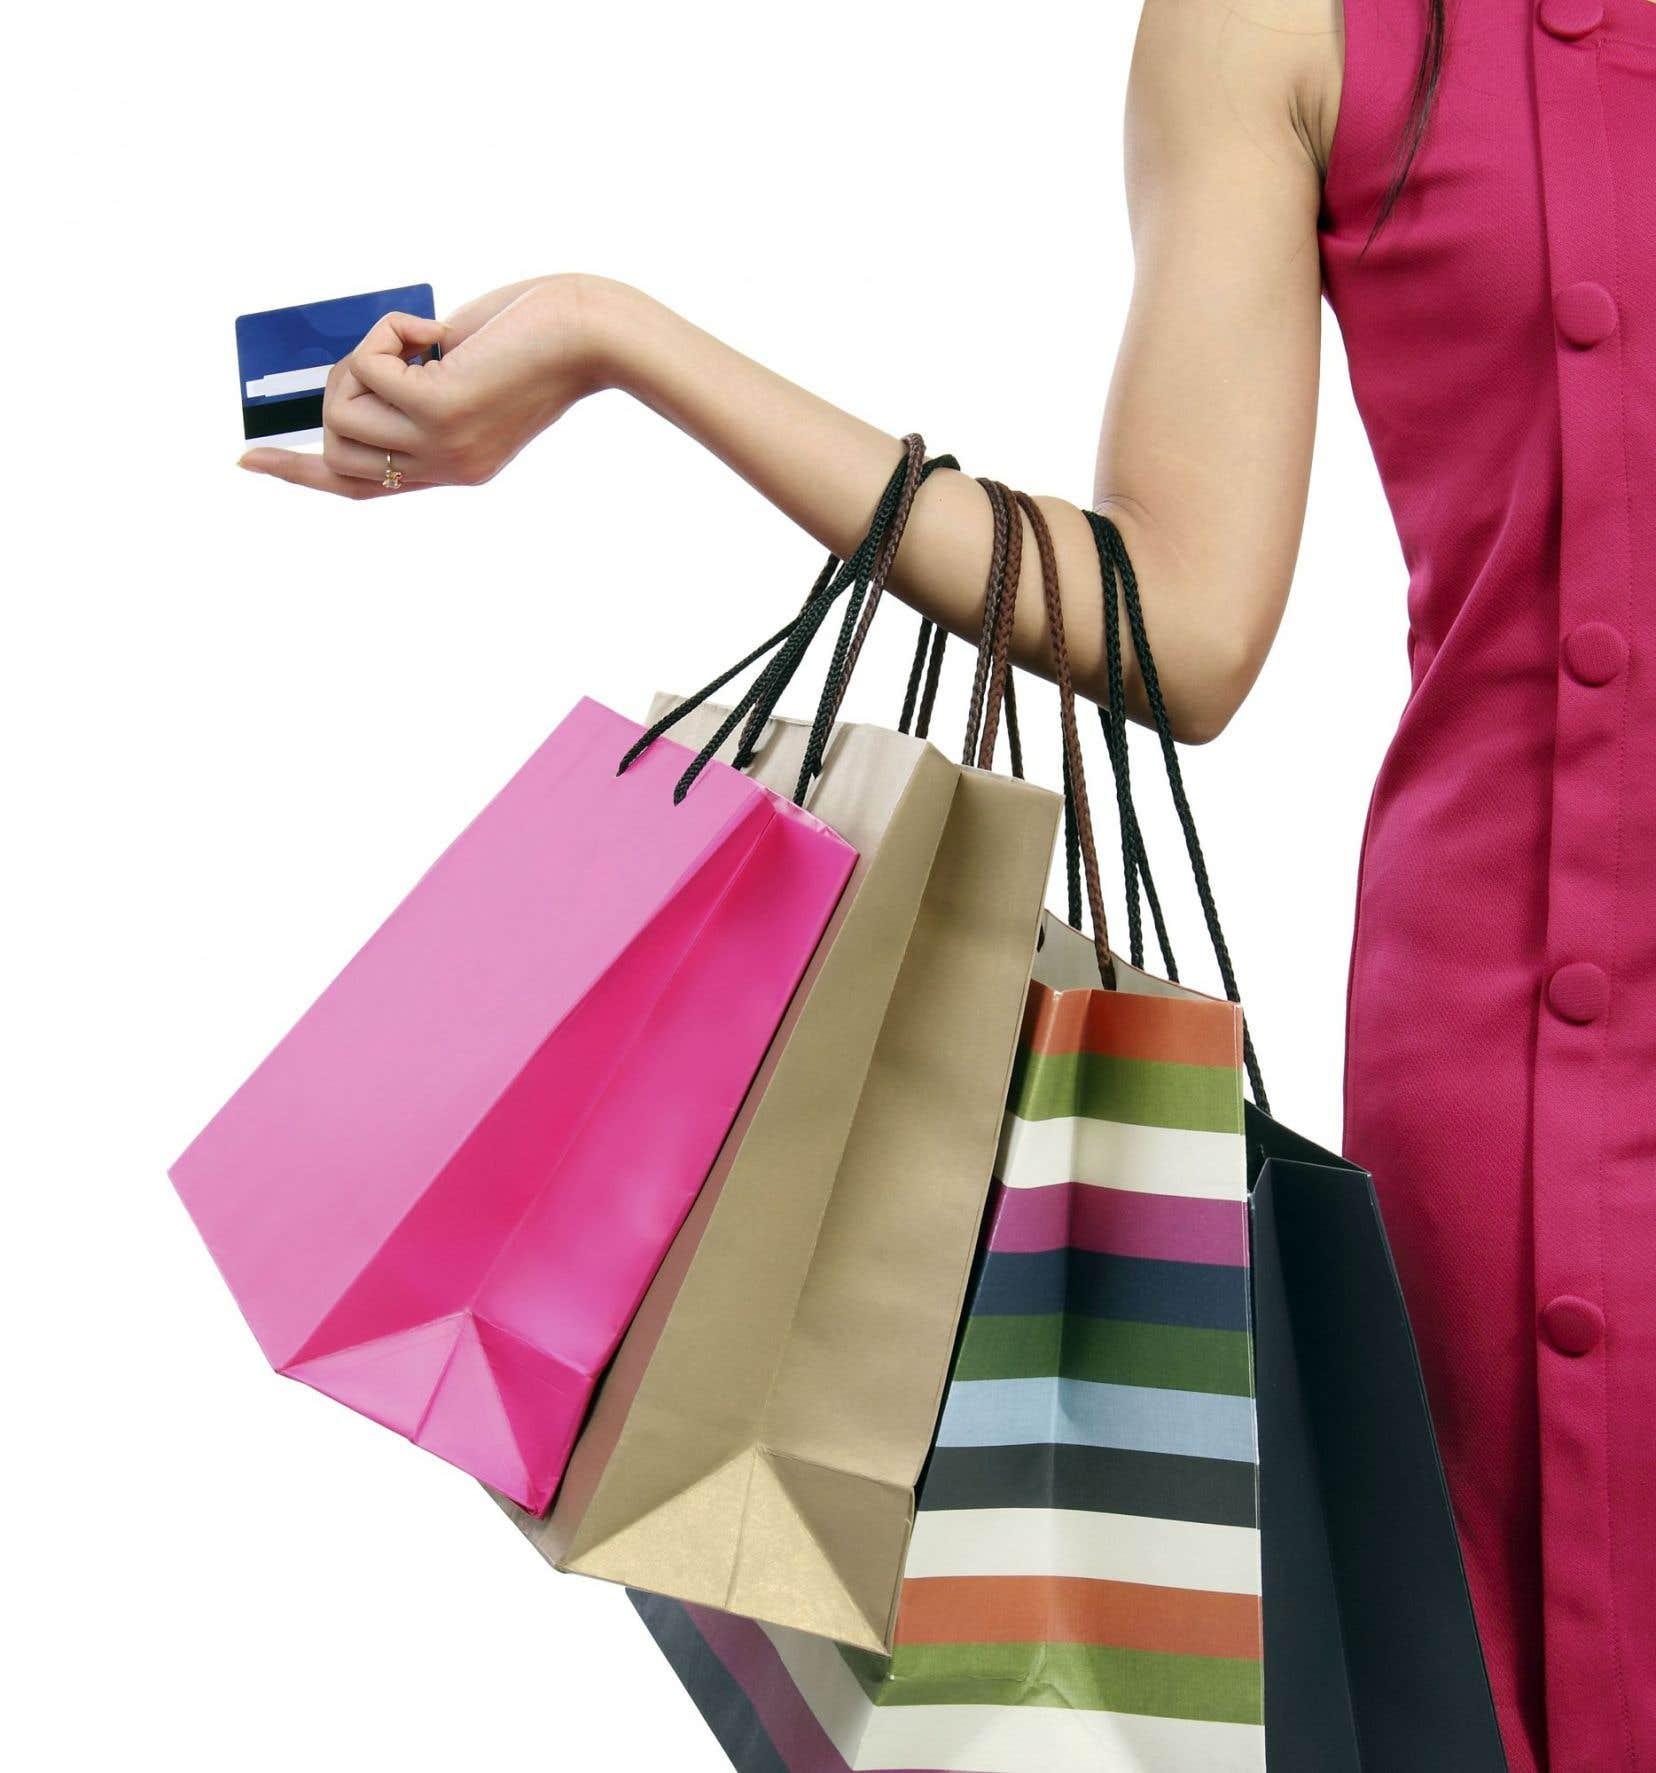 Le secteur de la mode est arrivé à la croisée des chemins avec une surconsommation à outrance, la désinformation abusive du consommateur, l'esclavage salarié et les manufacturiers de misère.